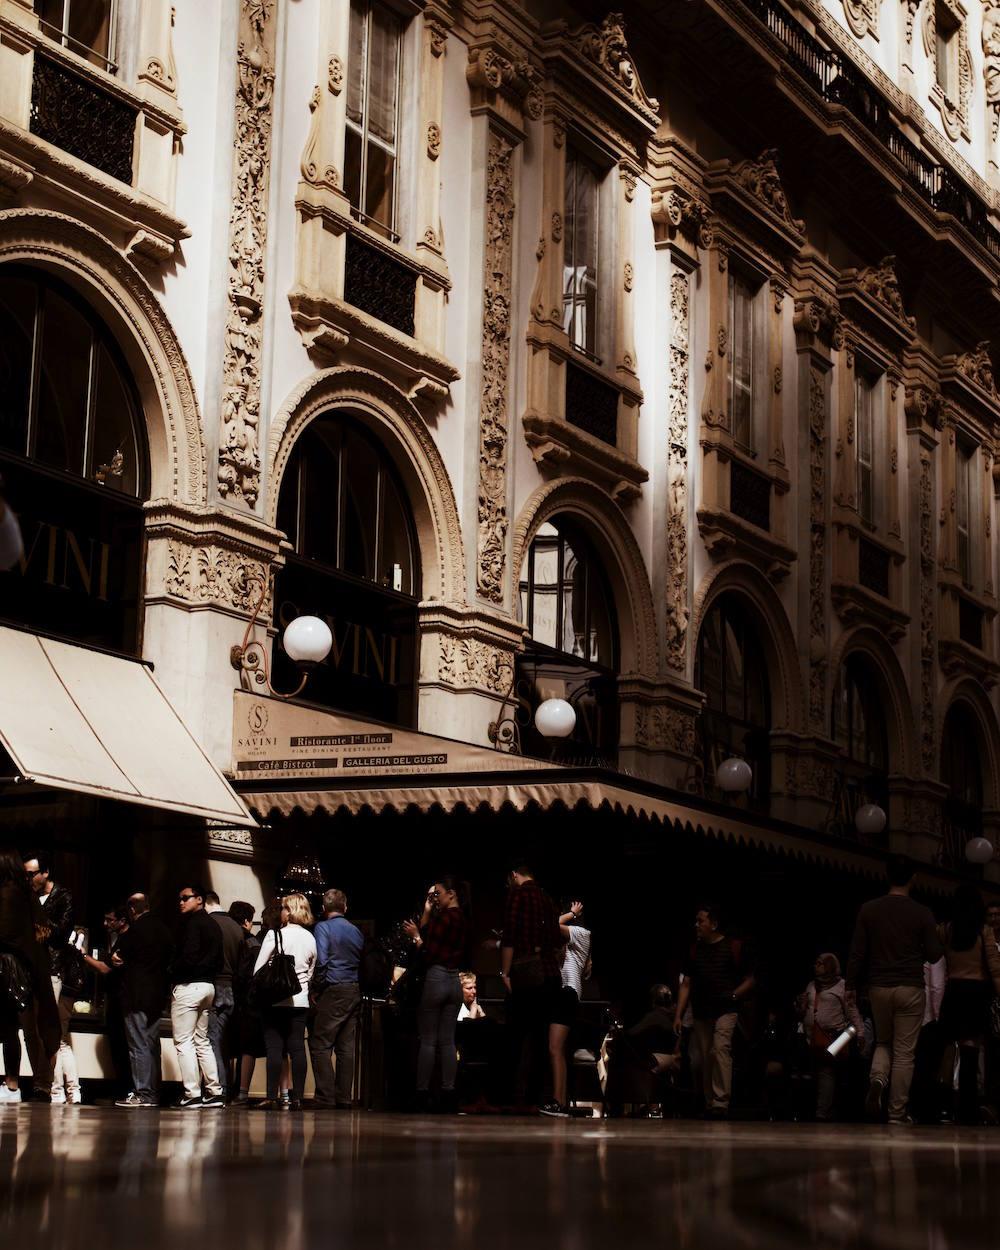 Galleria Vittorio Emanuele II duomo